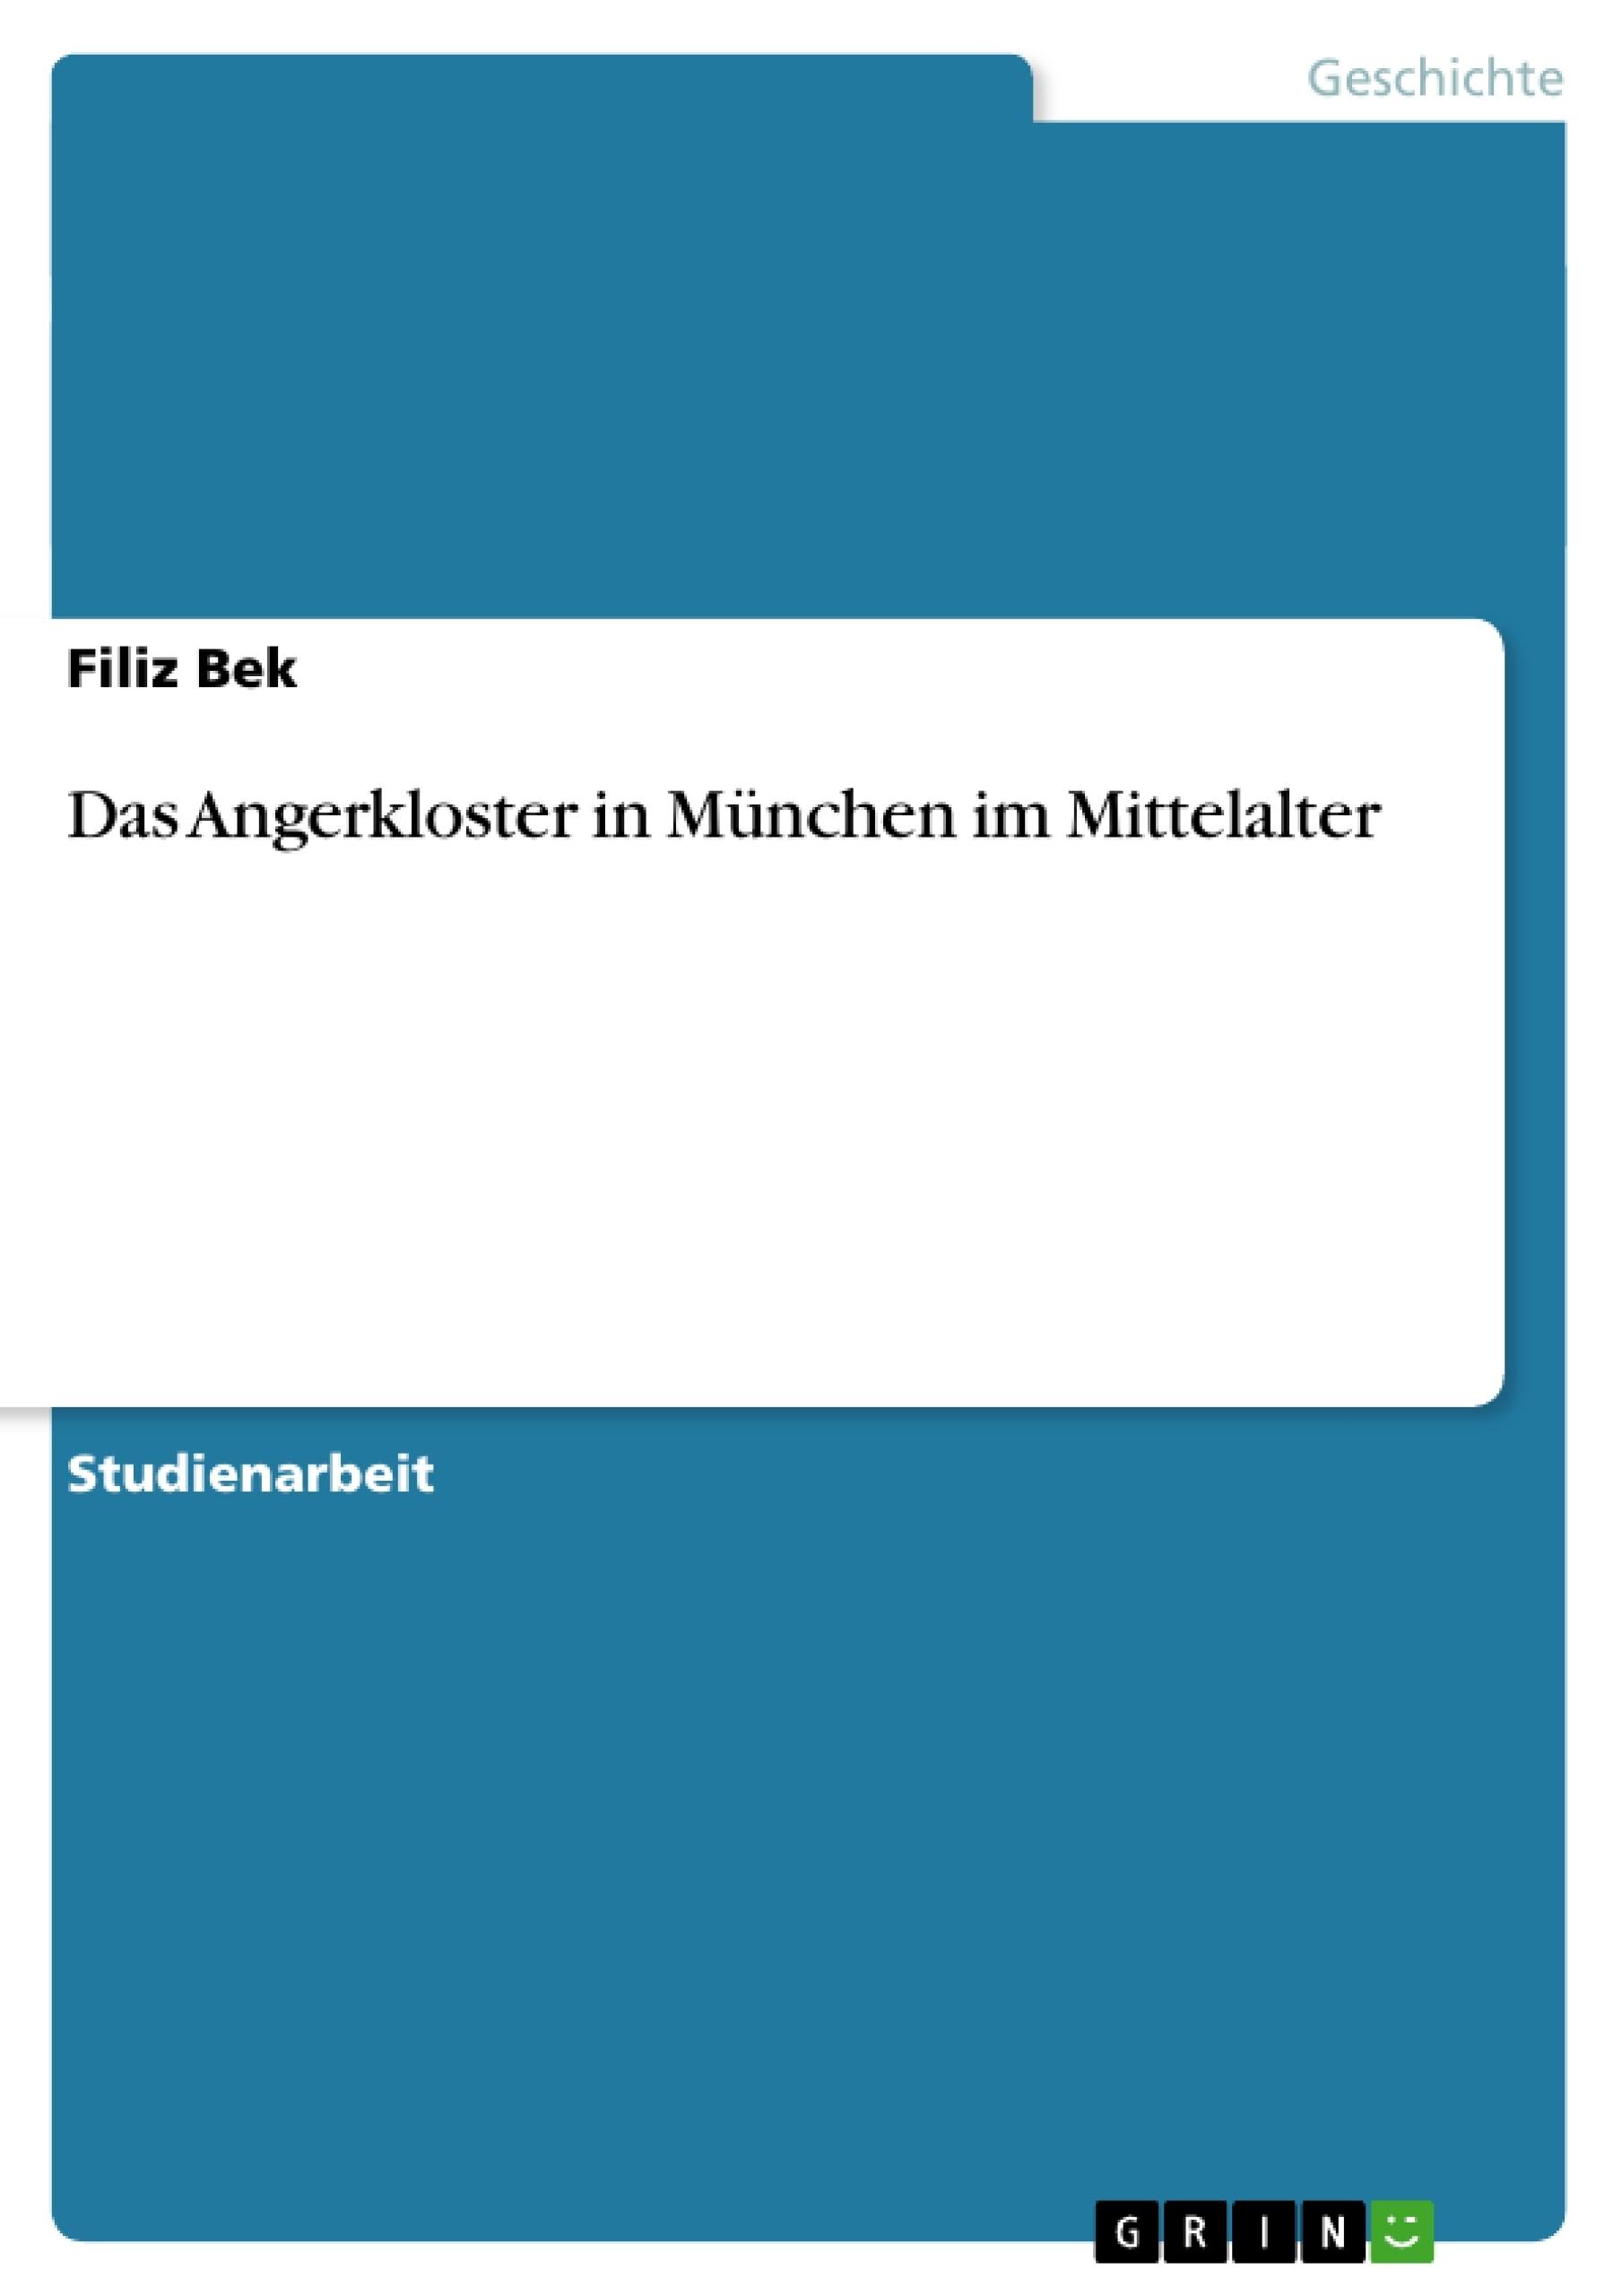 Titel: Das Angerkloster in München im Mittelalter